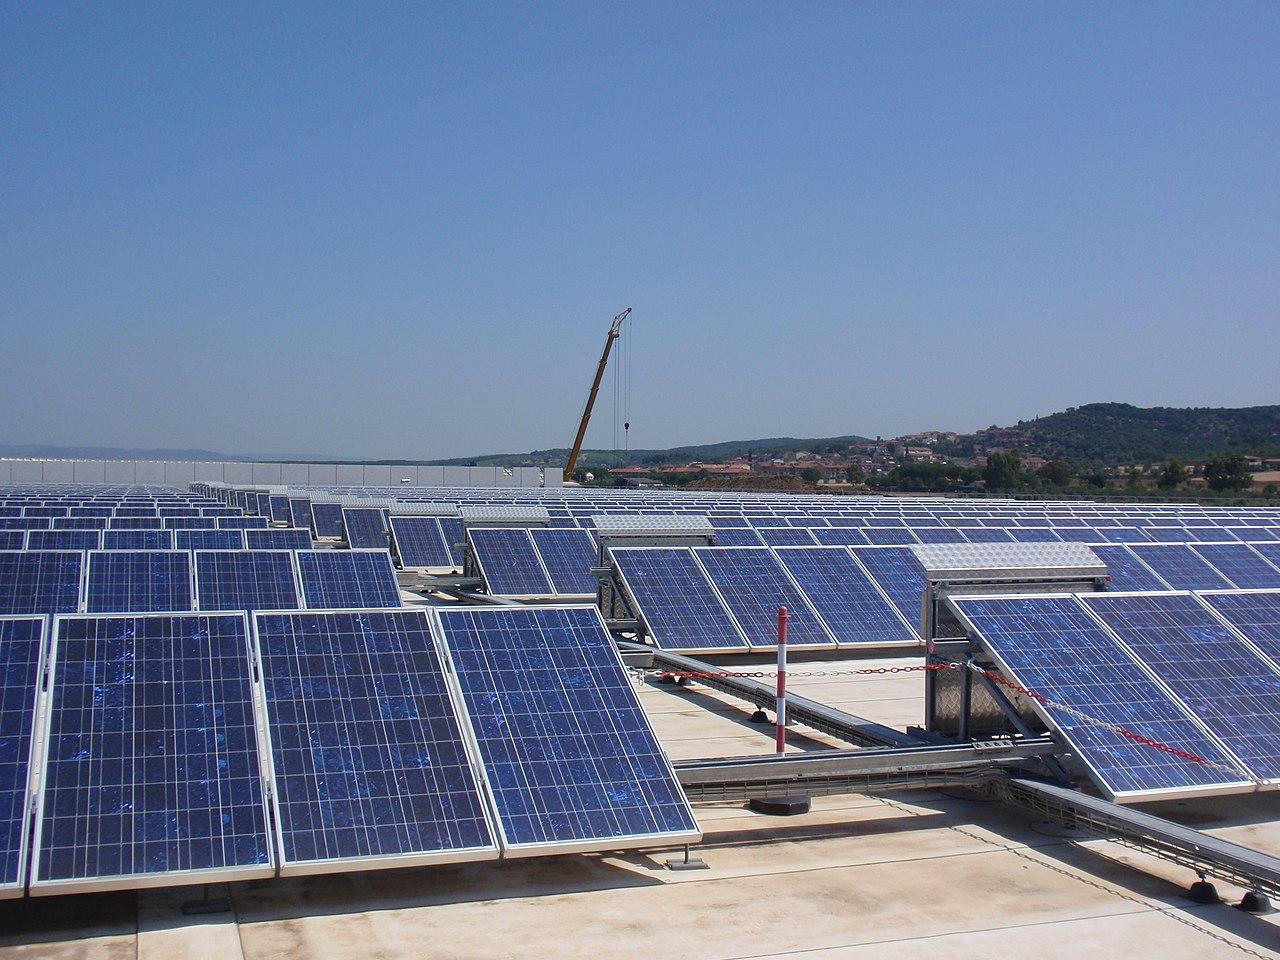 Pannello Solare Tetto Wikipedia : File pannelli solari unicoop tirreno g wikimedia commons